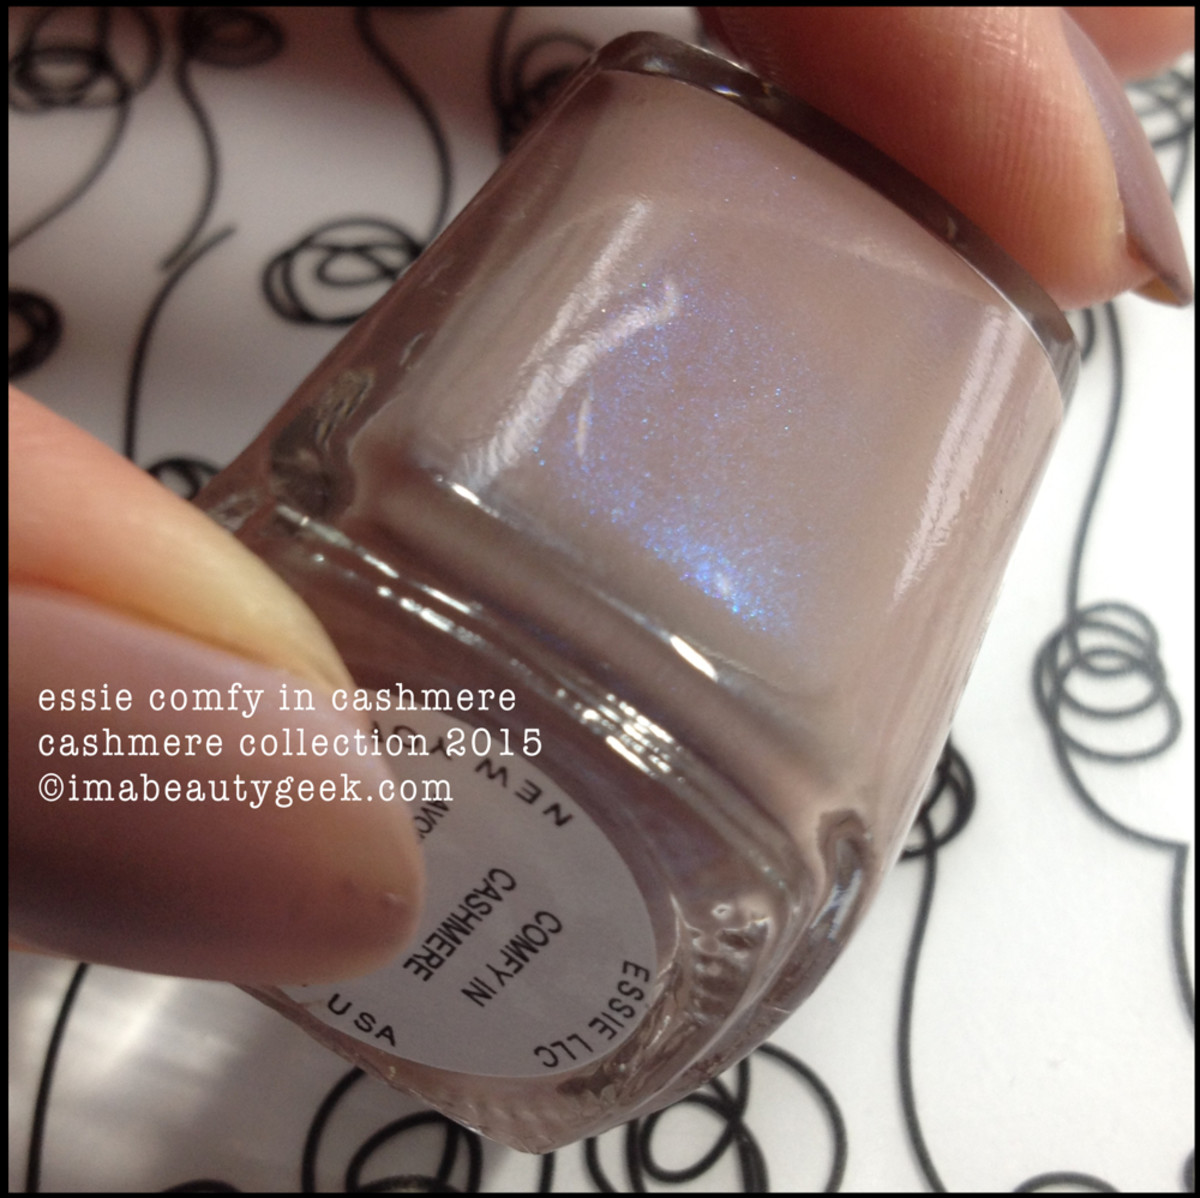 Essie Comfy in Cashmere Bottle Shot